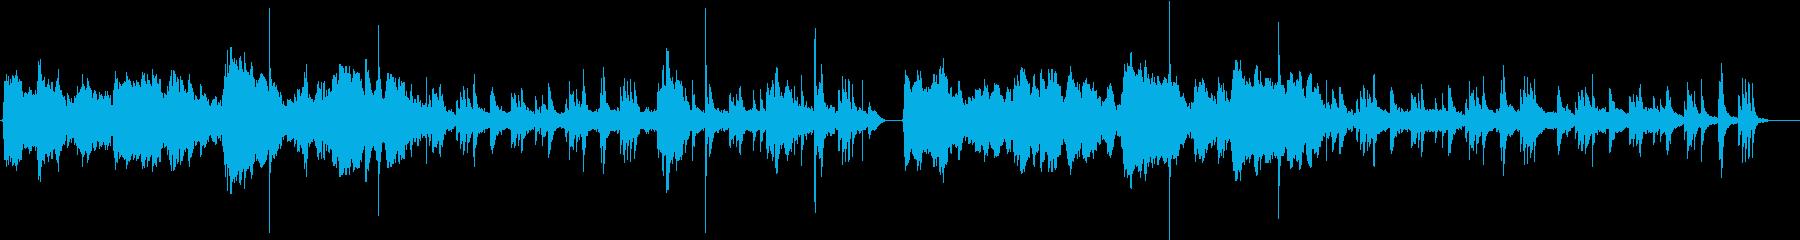 ドラマティックな雰囲気漂うヒーリング音楽の再生済みの波形